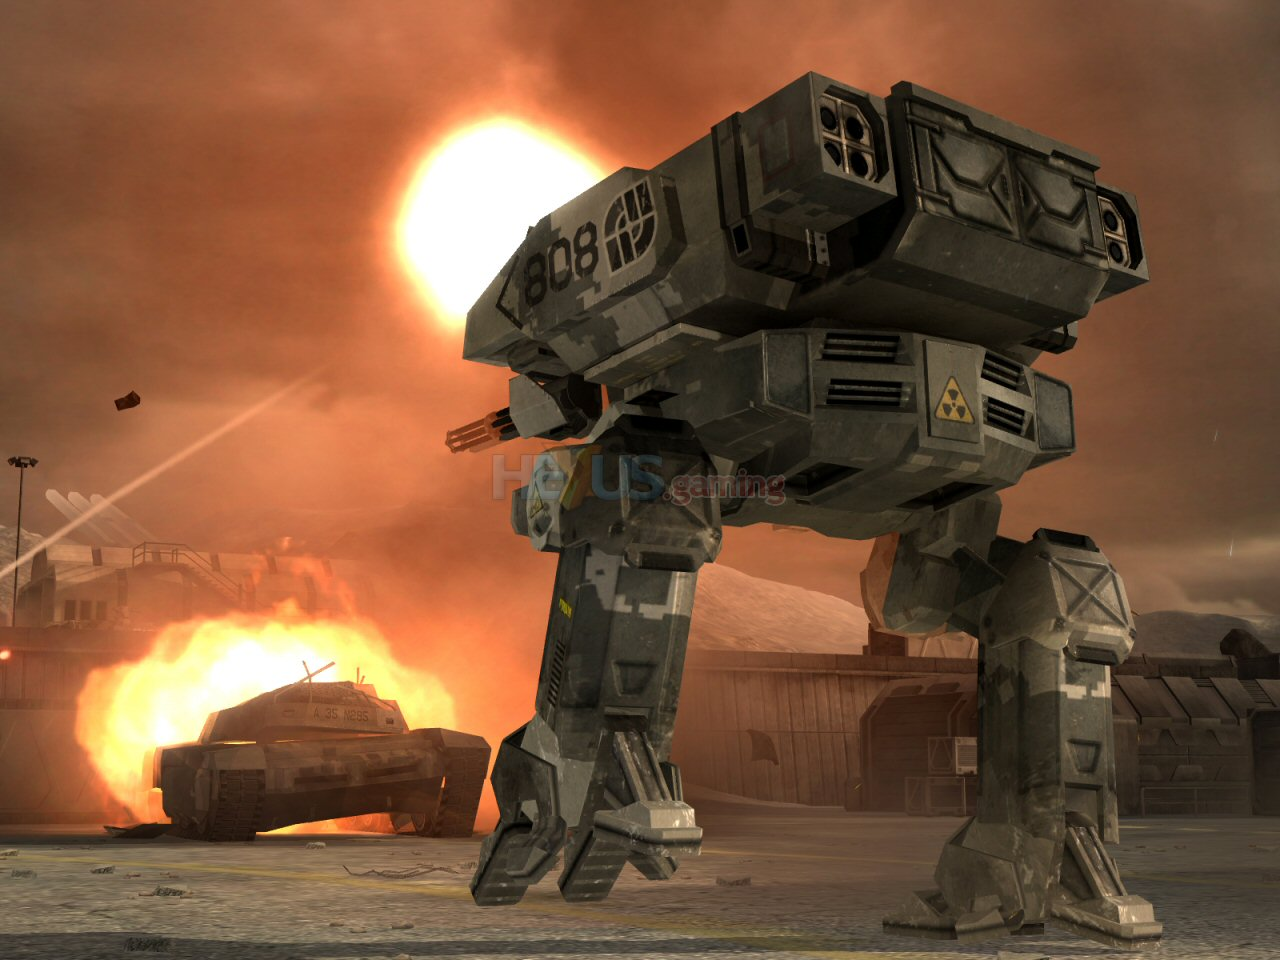 Battlefield 2142 - PC - PC - News - HEXUS.net